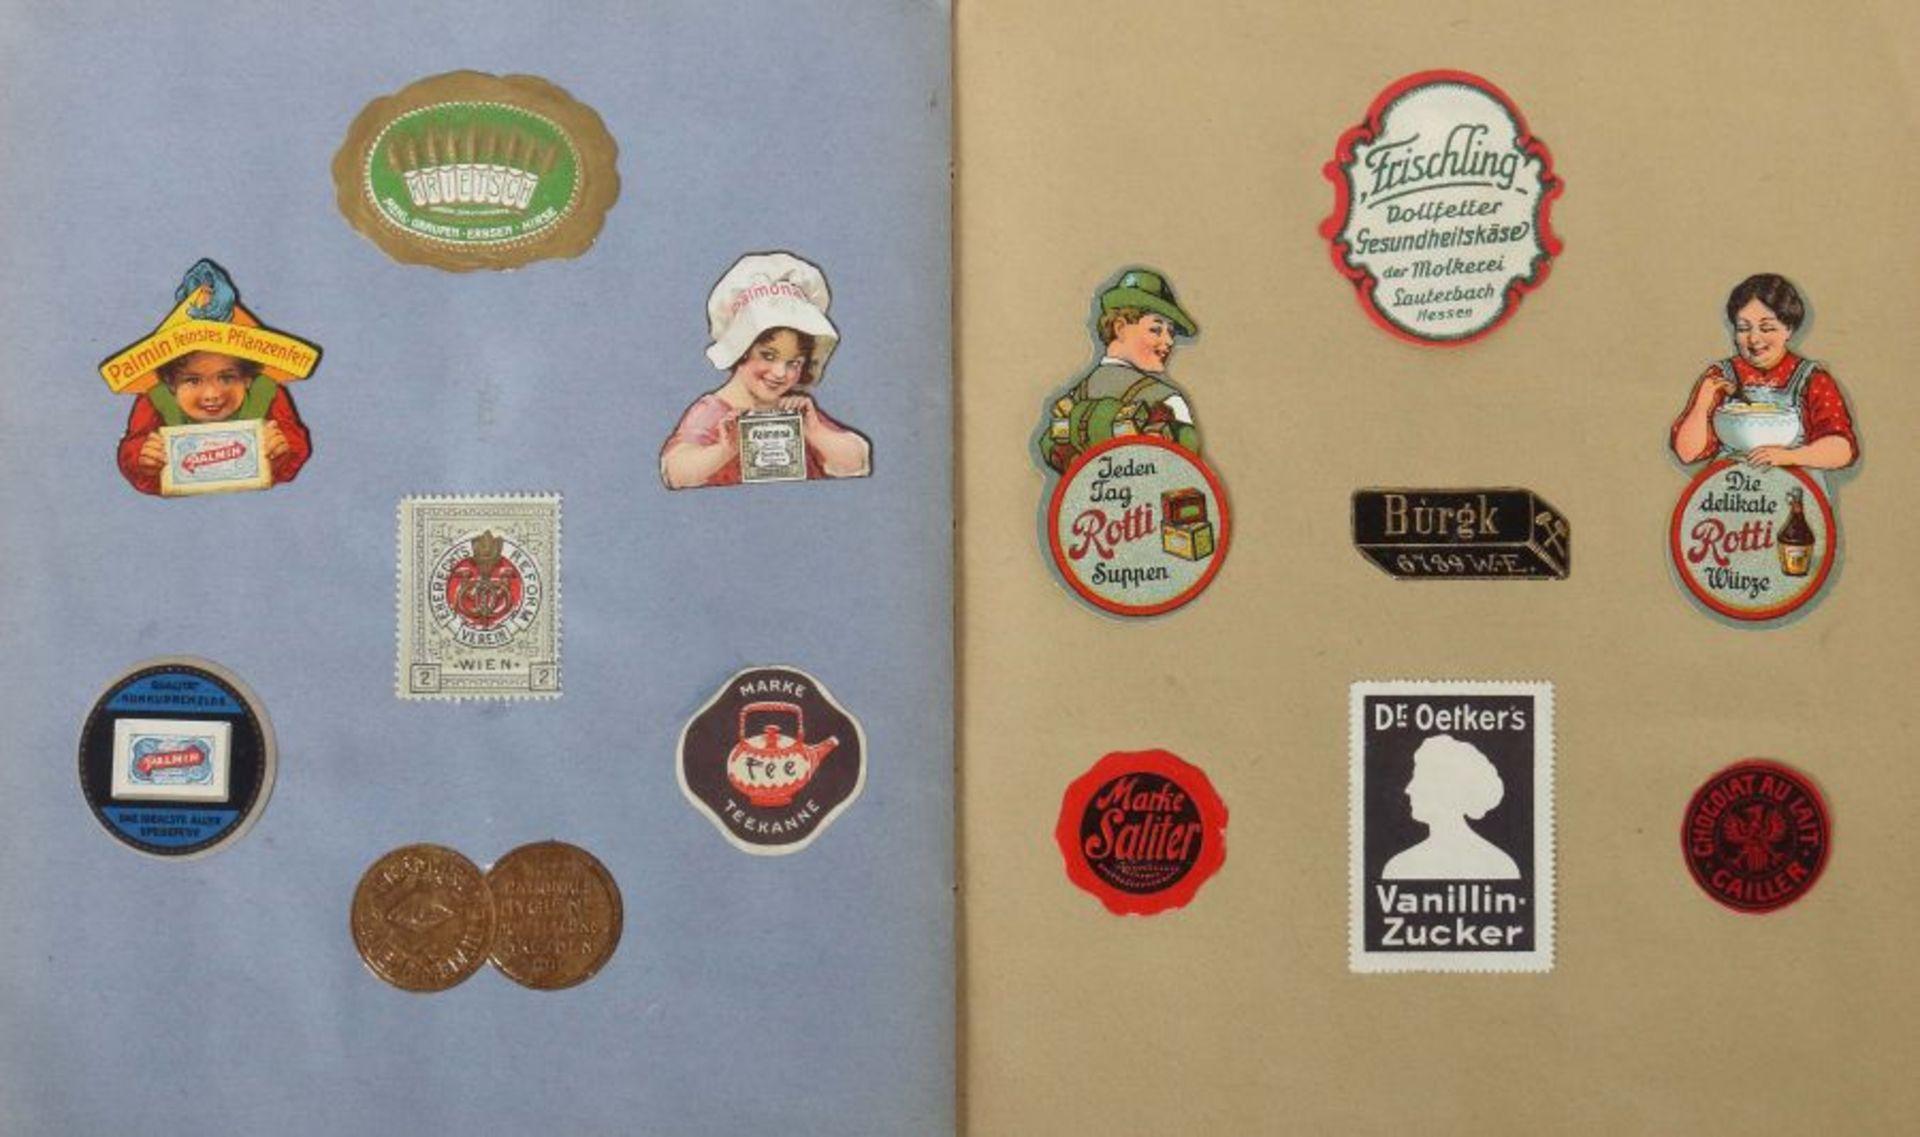 3 Werbevignetten-Alben Alben mit ca. 700 Werbevignetten, u.a. Graetzin, Odol, Weck, Matagon, - Bild 5 aus 6